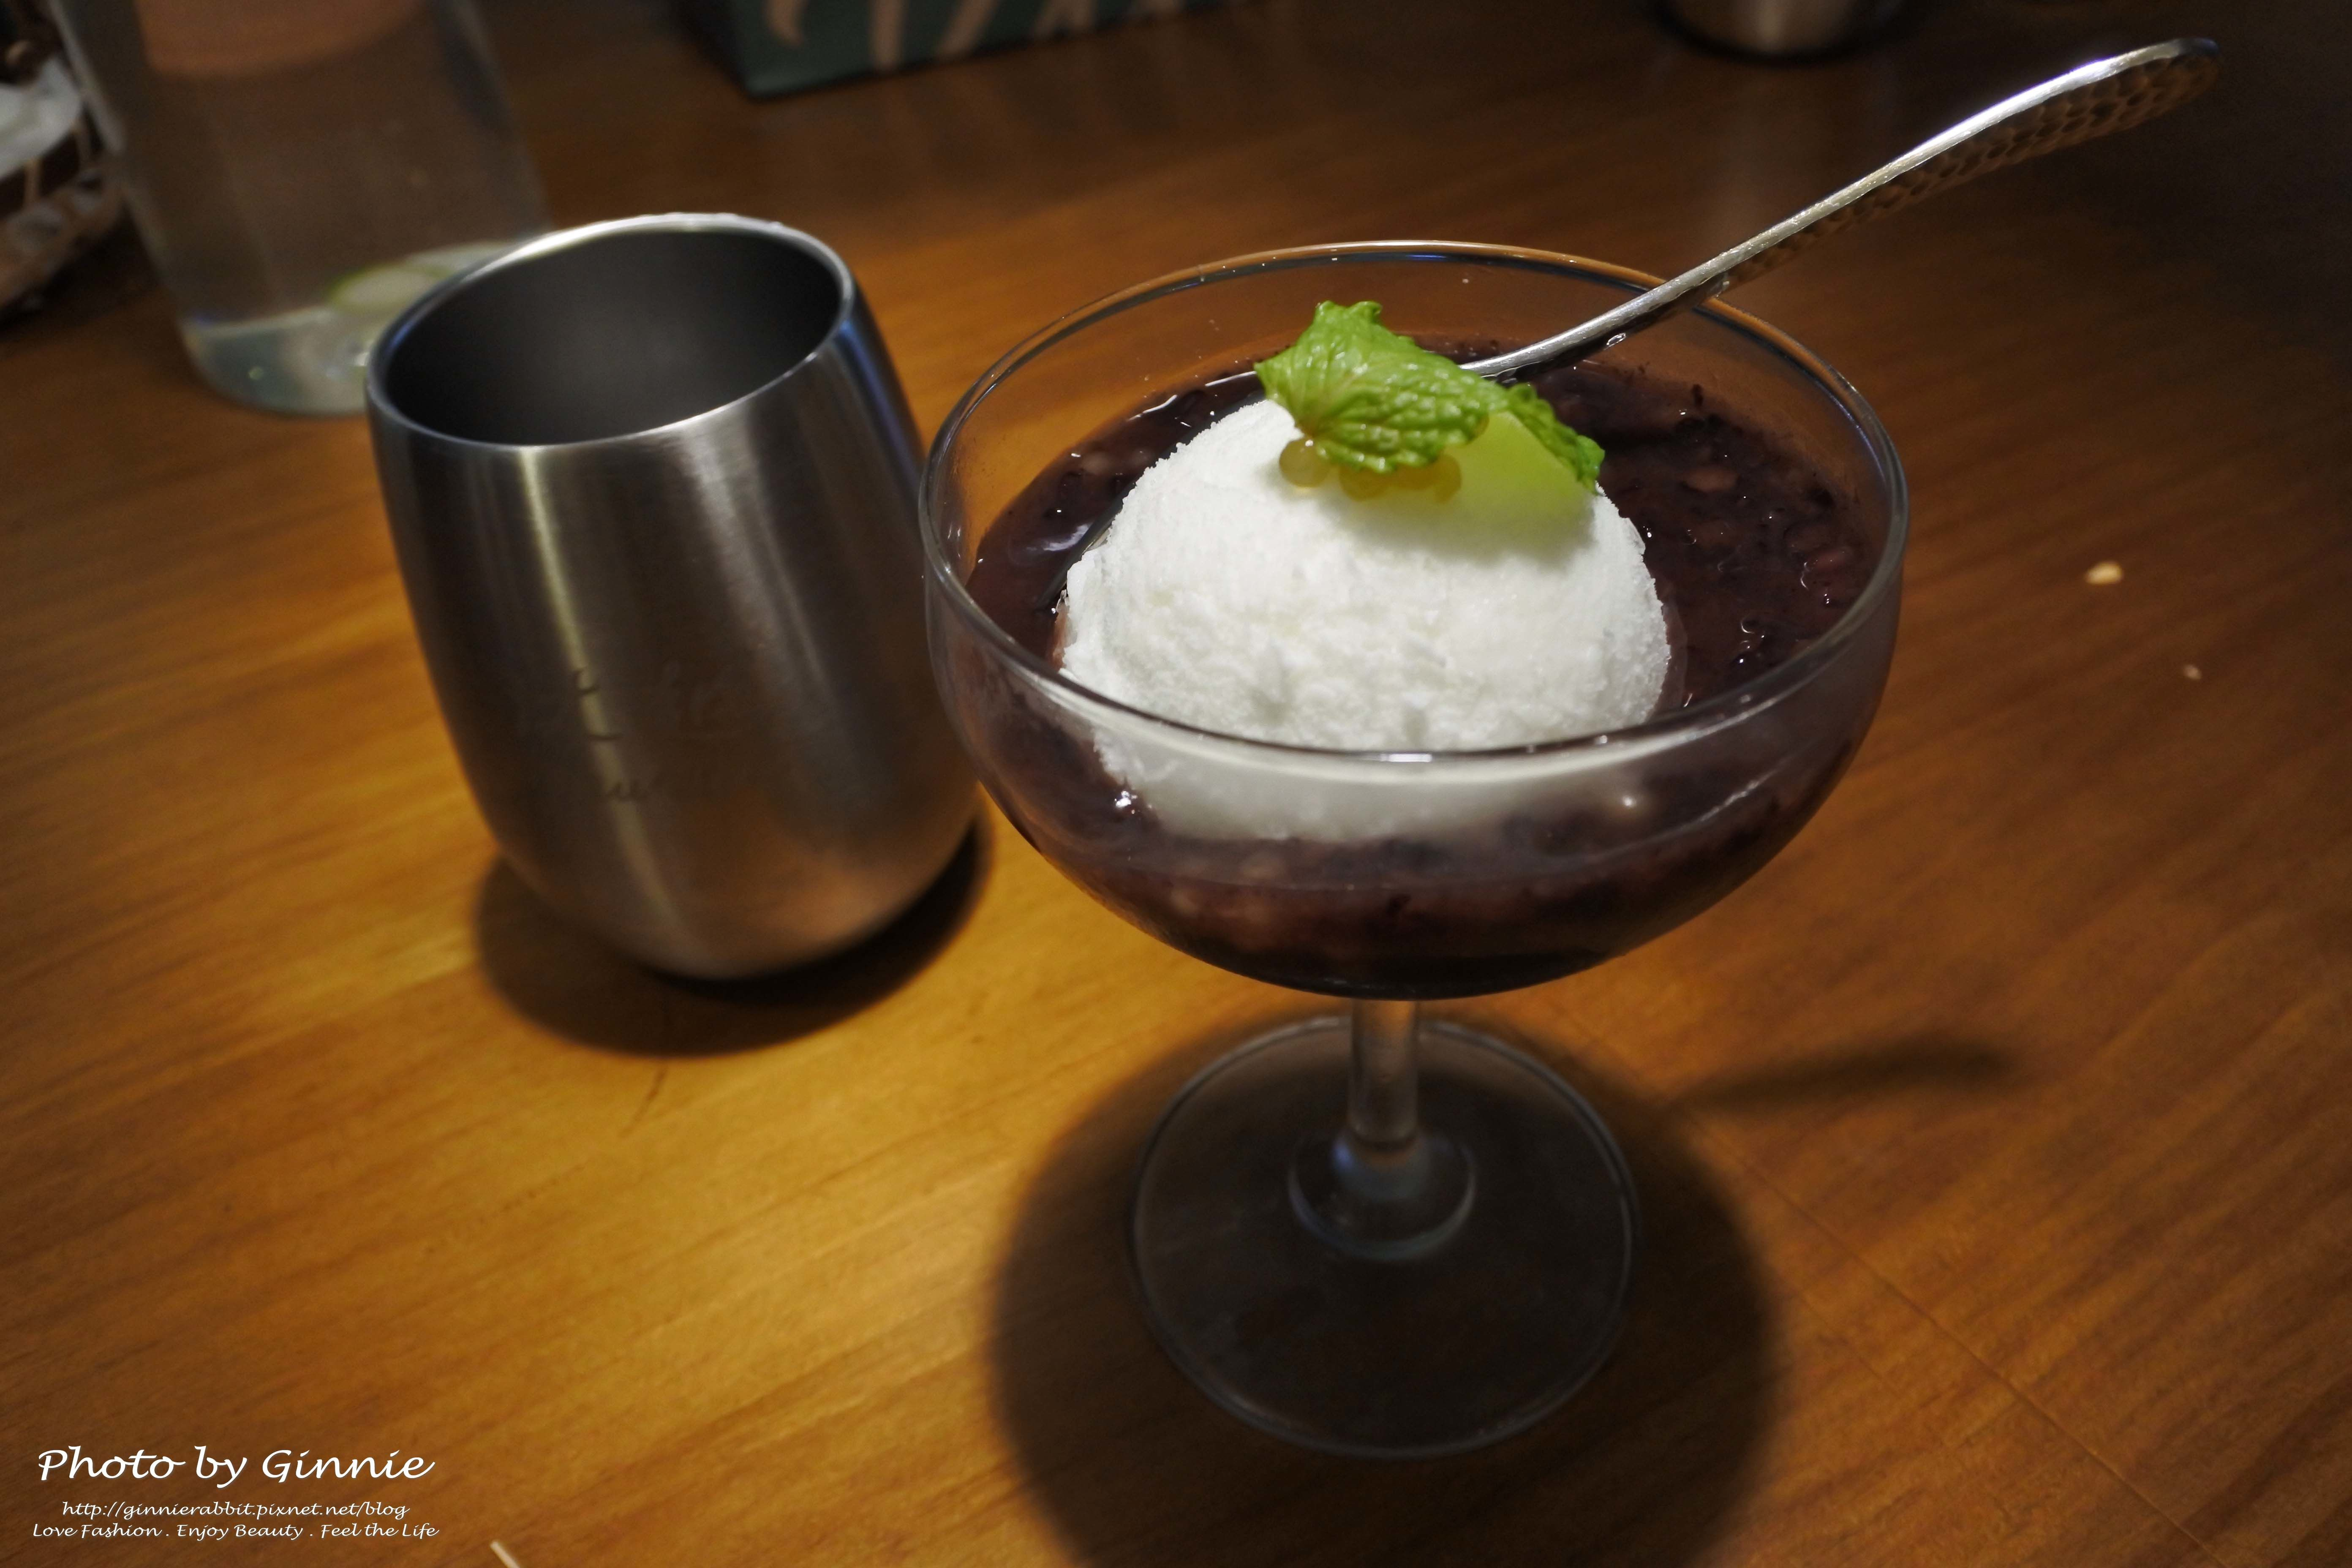 沐越 台中公益店 椰子雪酪佐紅豆紫米